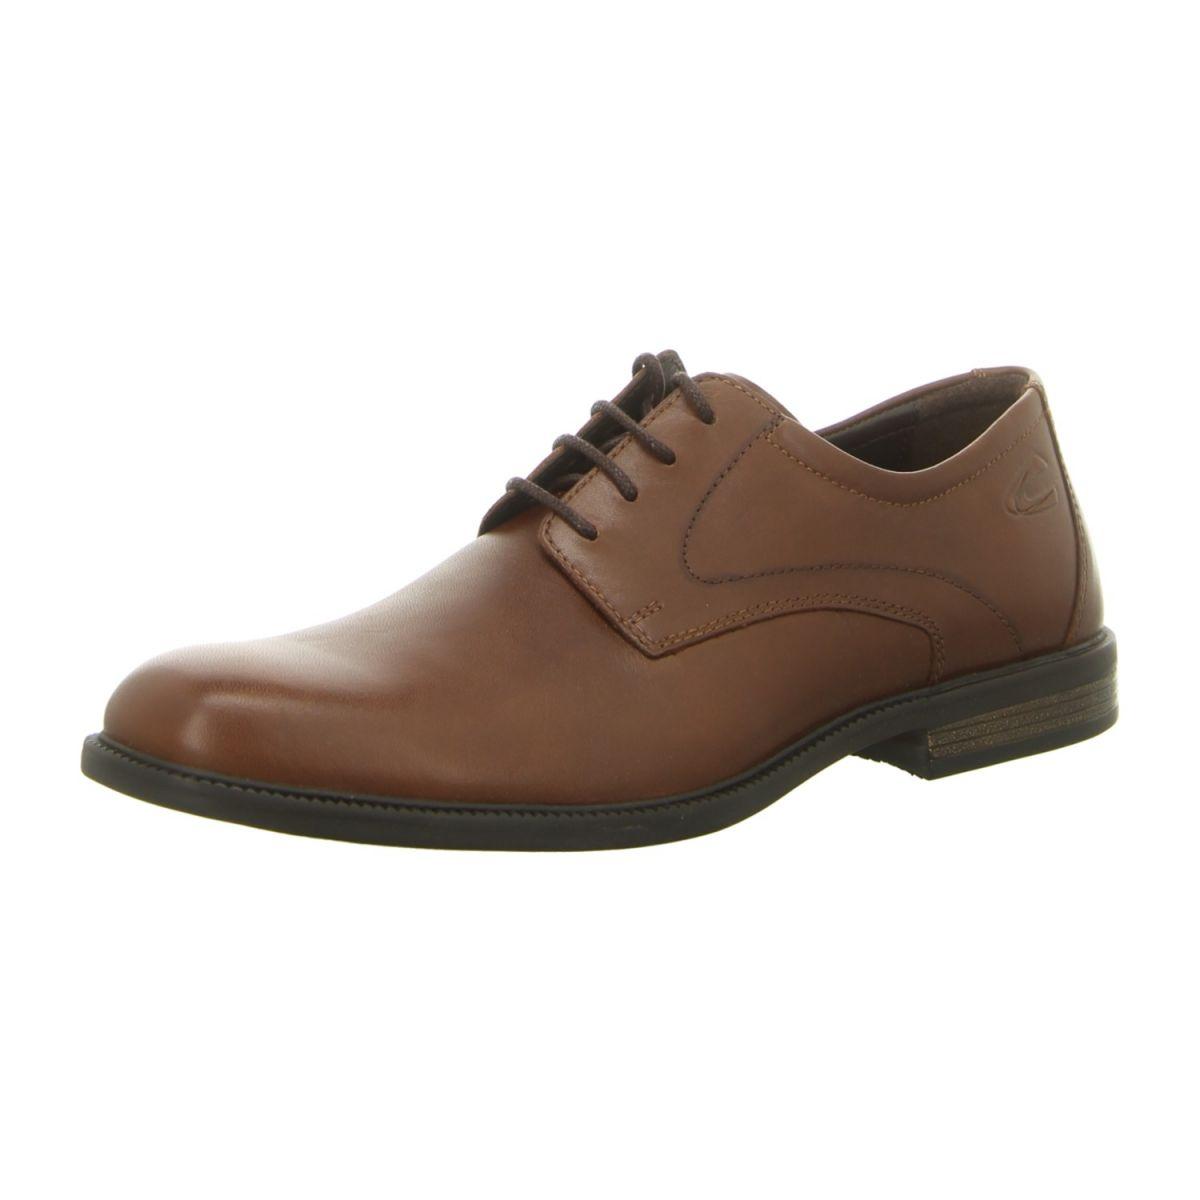 Braga 12 | Schuhe & Accessoires | Schnürschuhe, Herrenschuhe